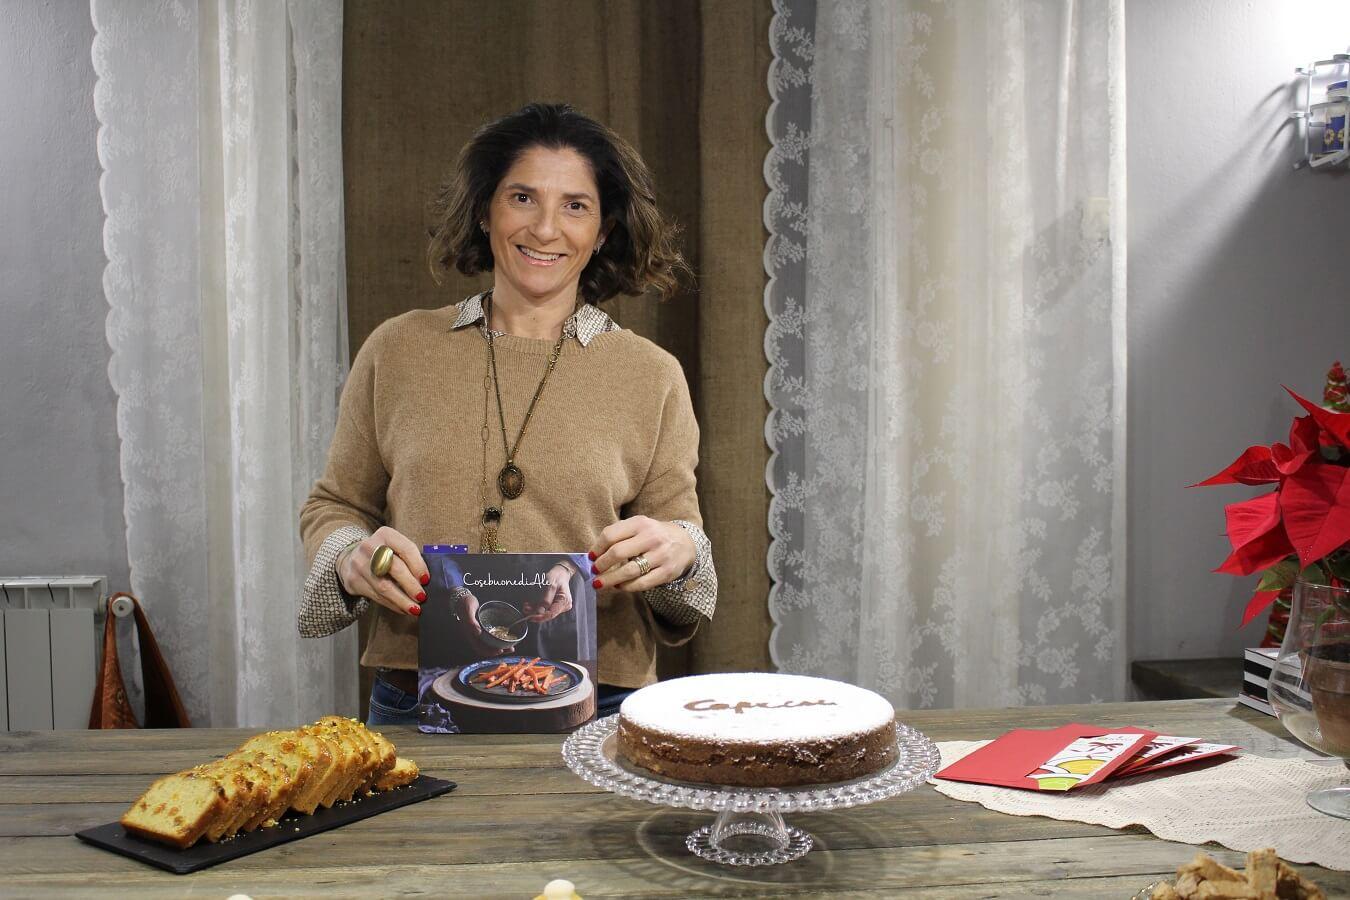 CosebuonediAle, il blog di Alessandra Messina e i libri di ricette